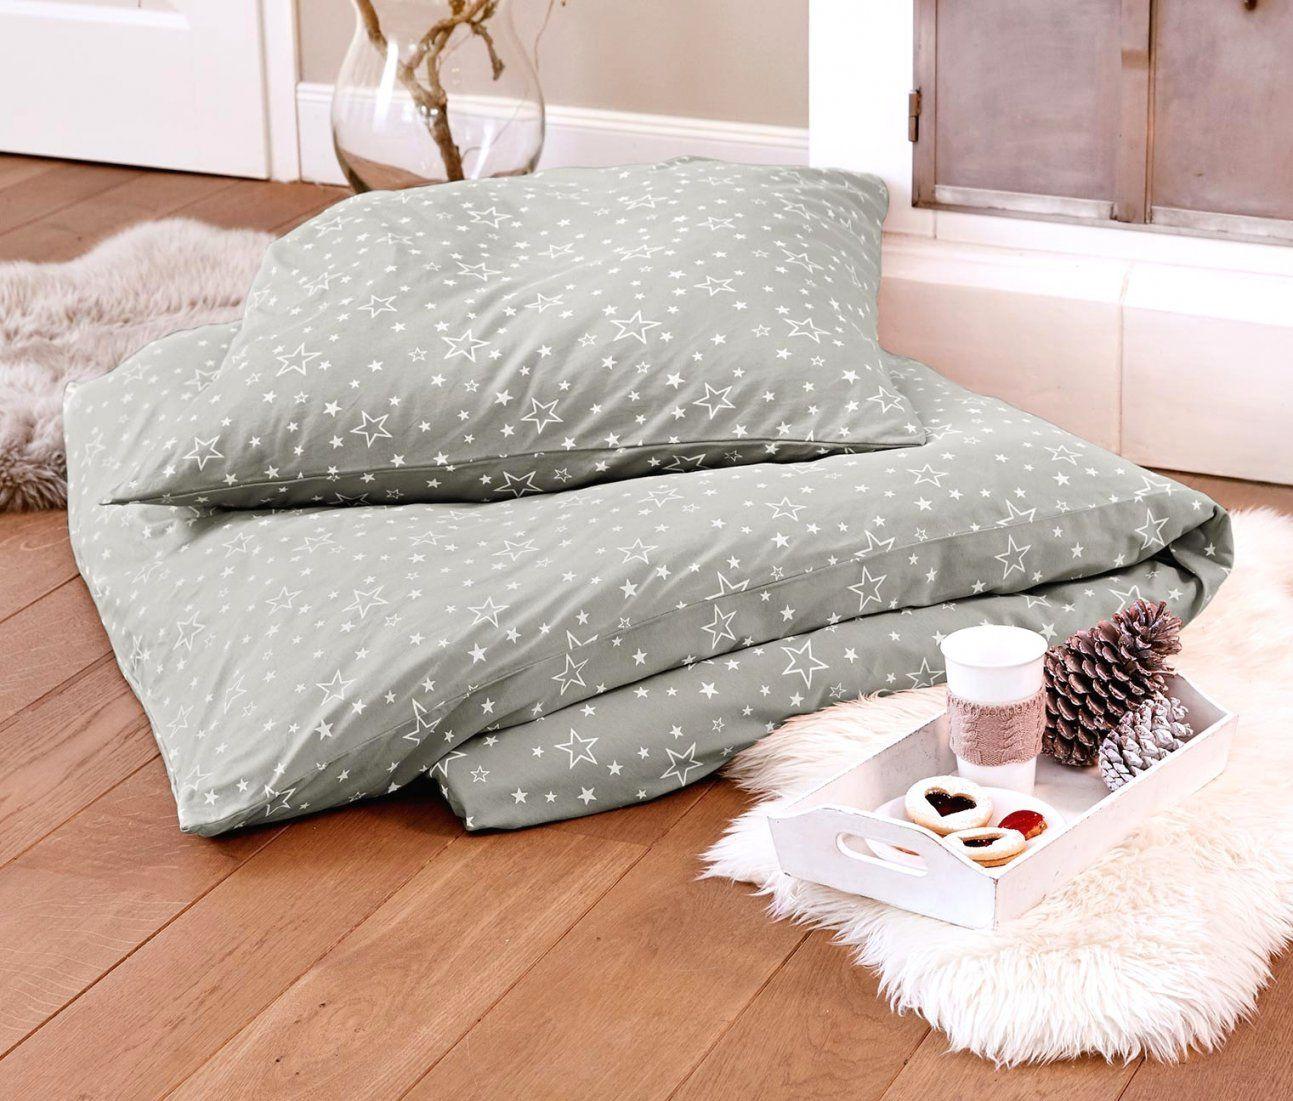 Charmante Inspiration Jersey Bettwäsche Tchibo Und Gute Übergröße von Tchibo Jersey Bettwäsche Bild